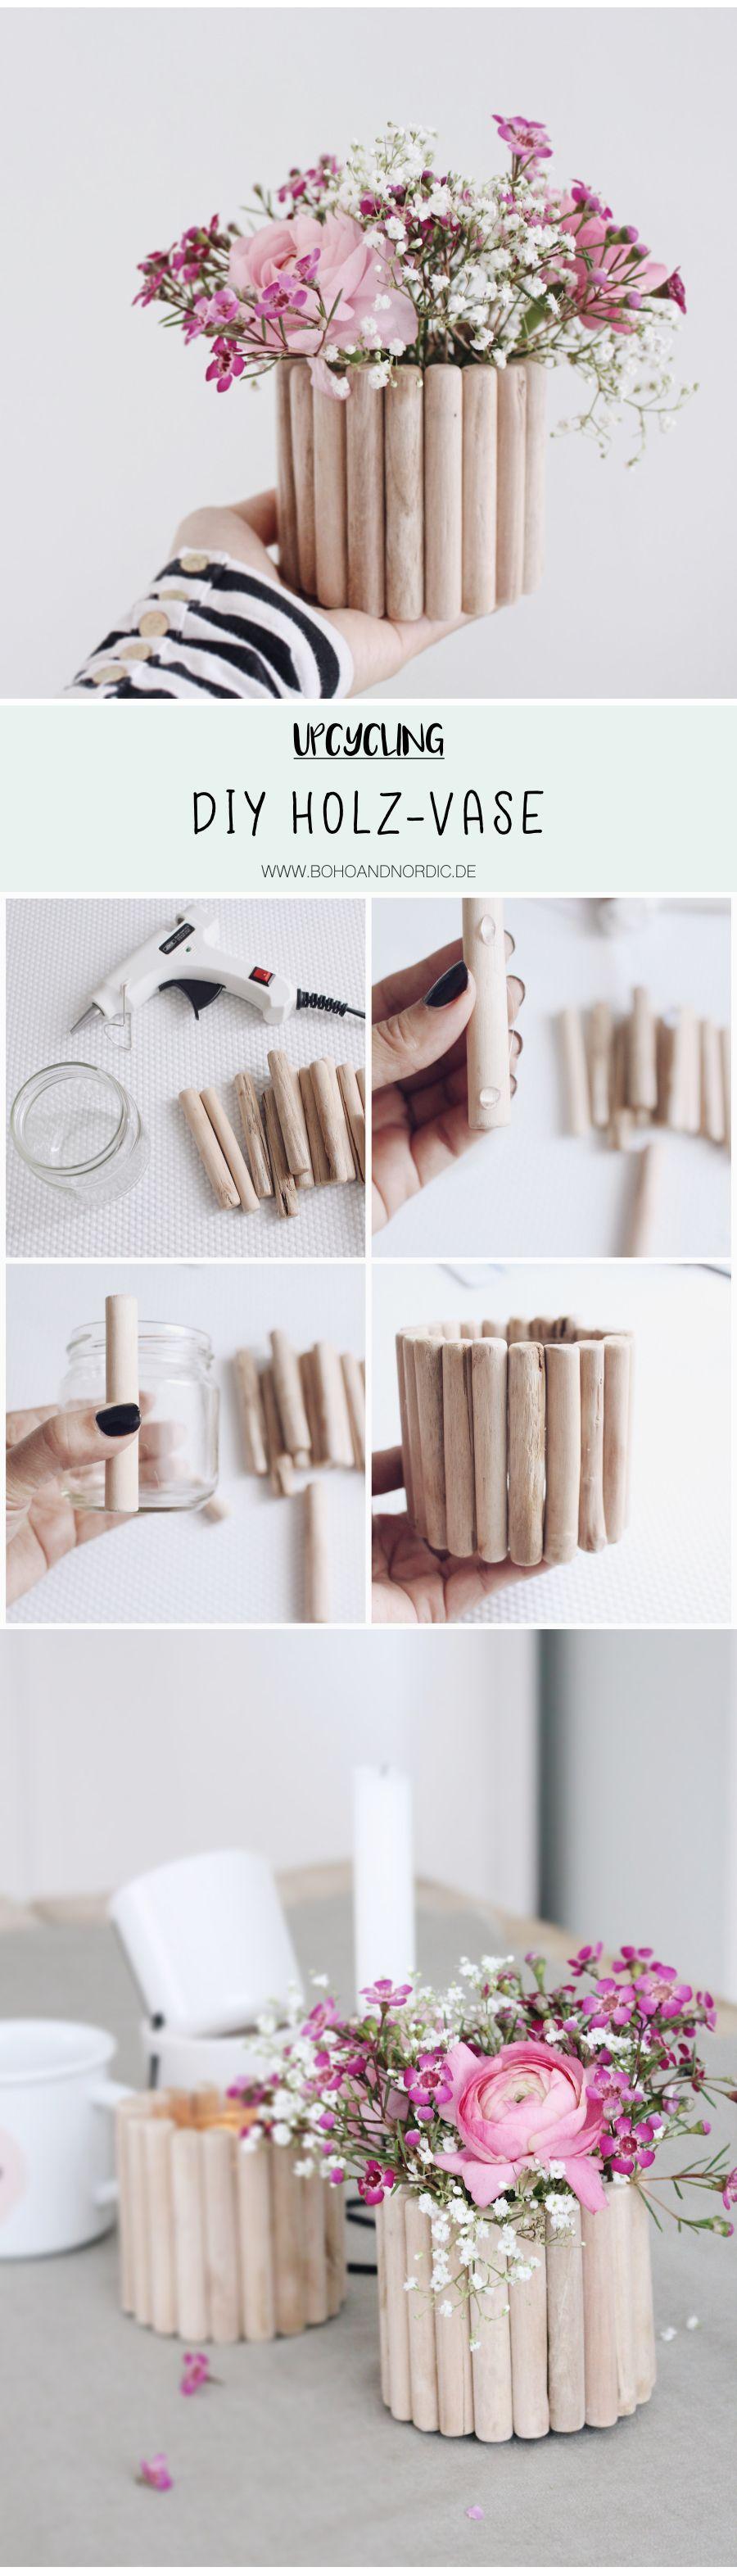 upcycling diy vase aus holz selber machen sch ne dekoration aus holz schnell und einfach. Black Bedroom Furniture Sets. Home Design Ideas